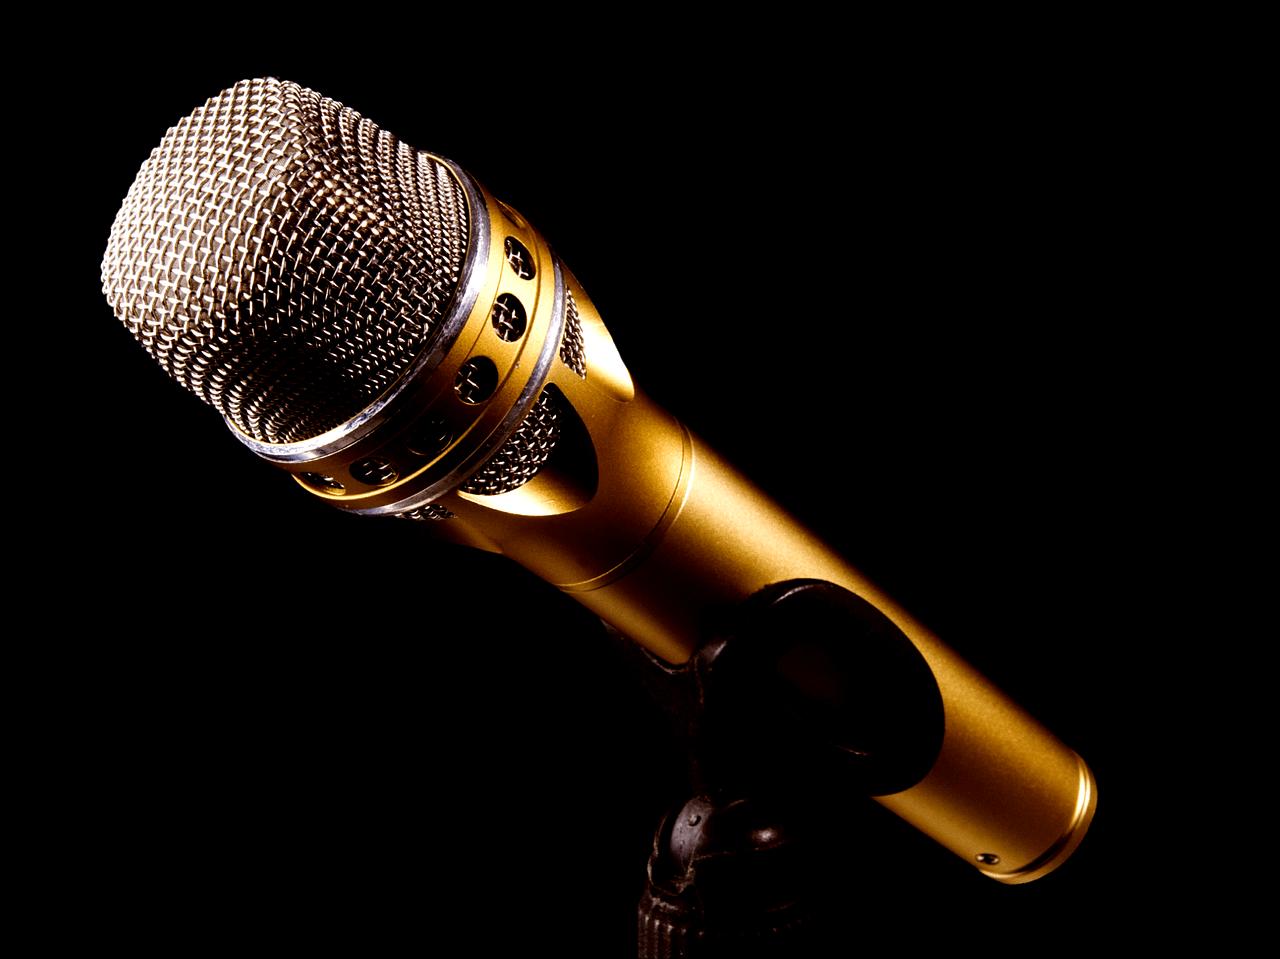 La recherche vocale sera t-elle le graal du SEO de demain ?